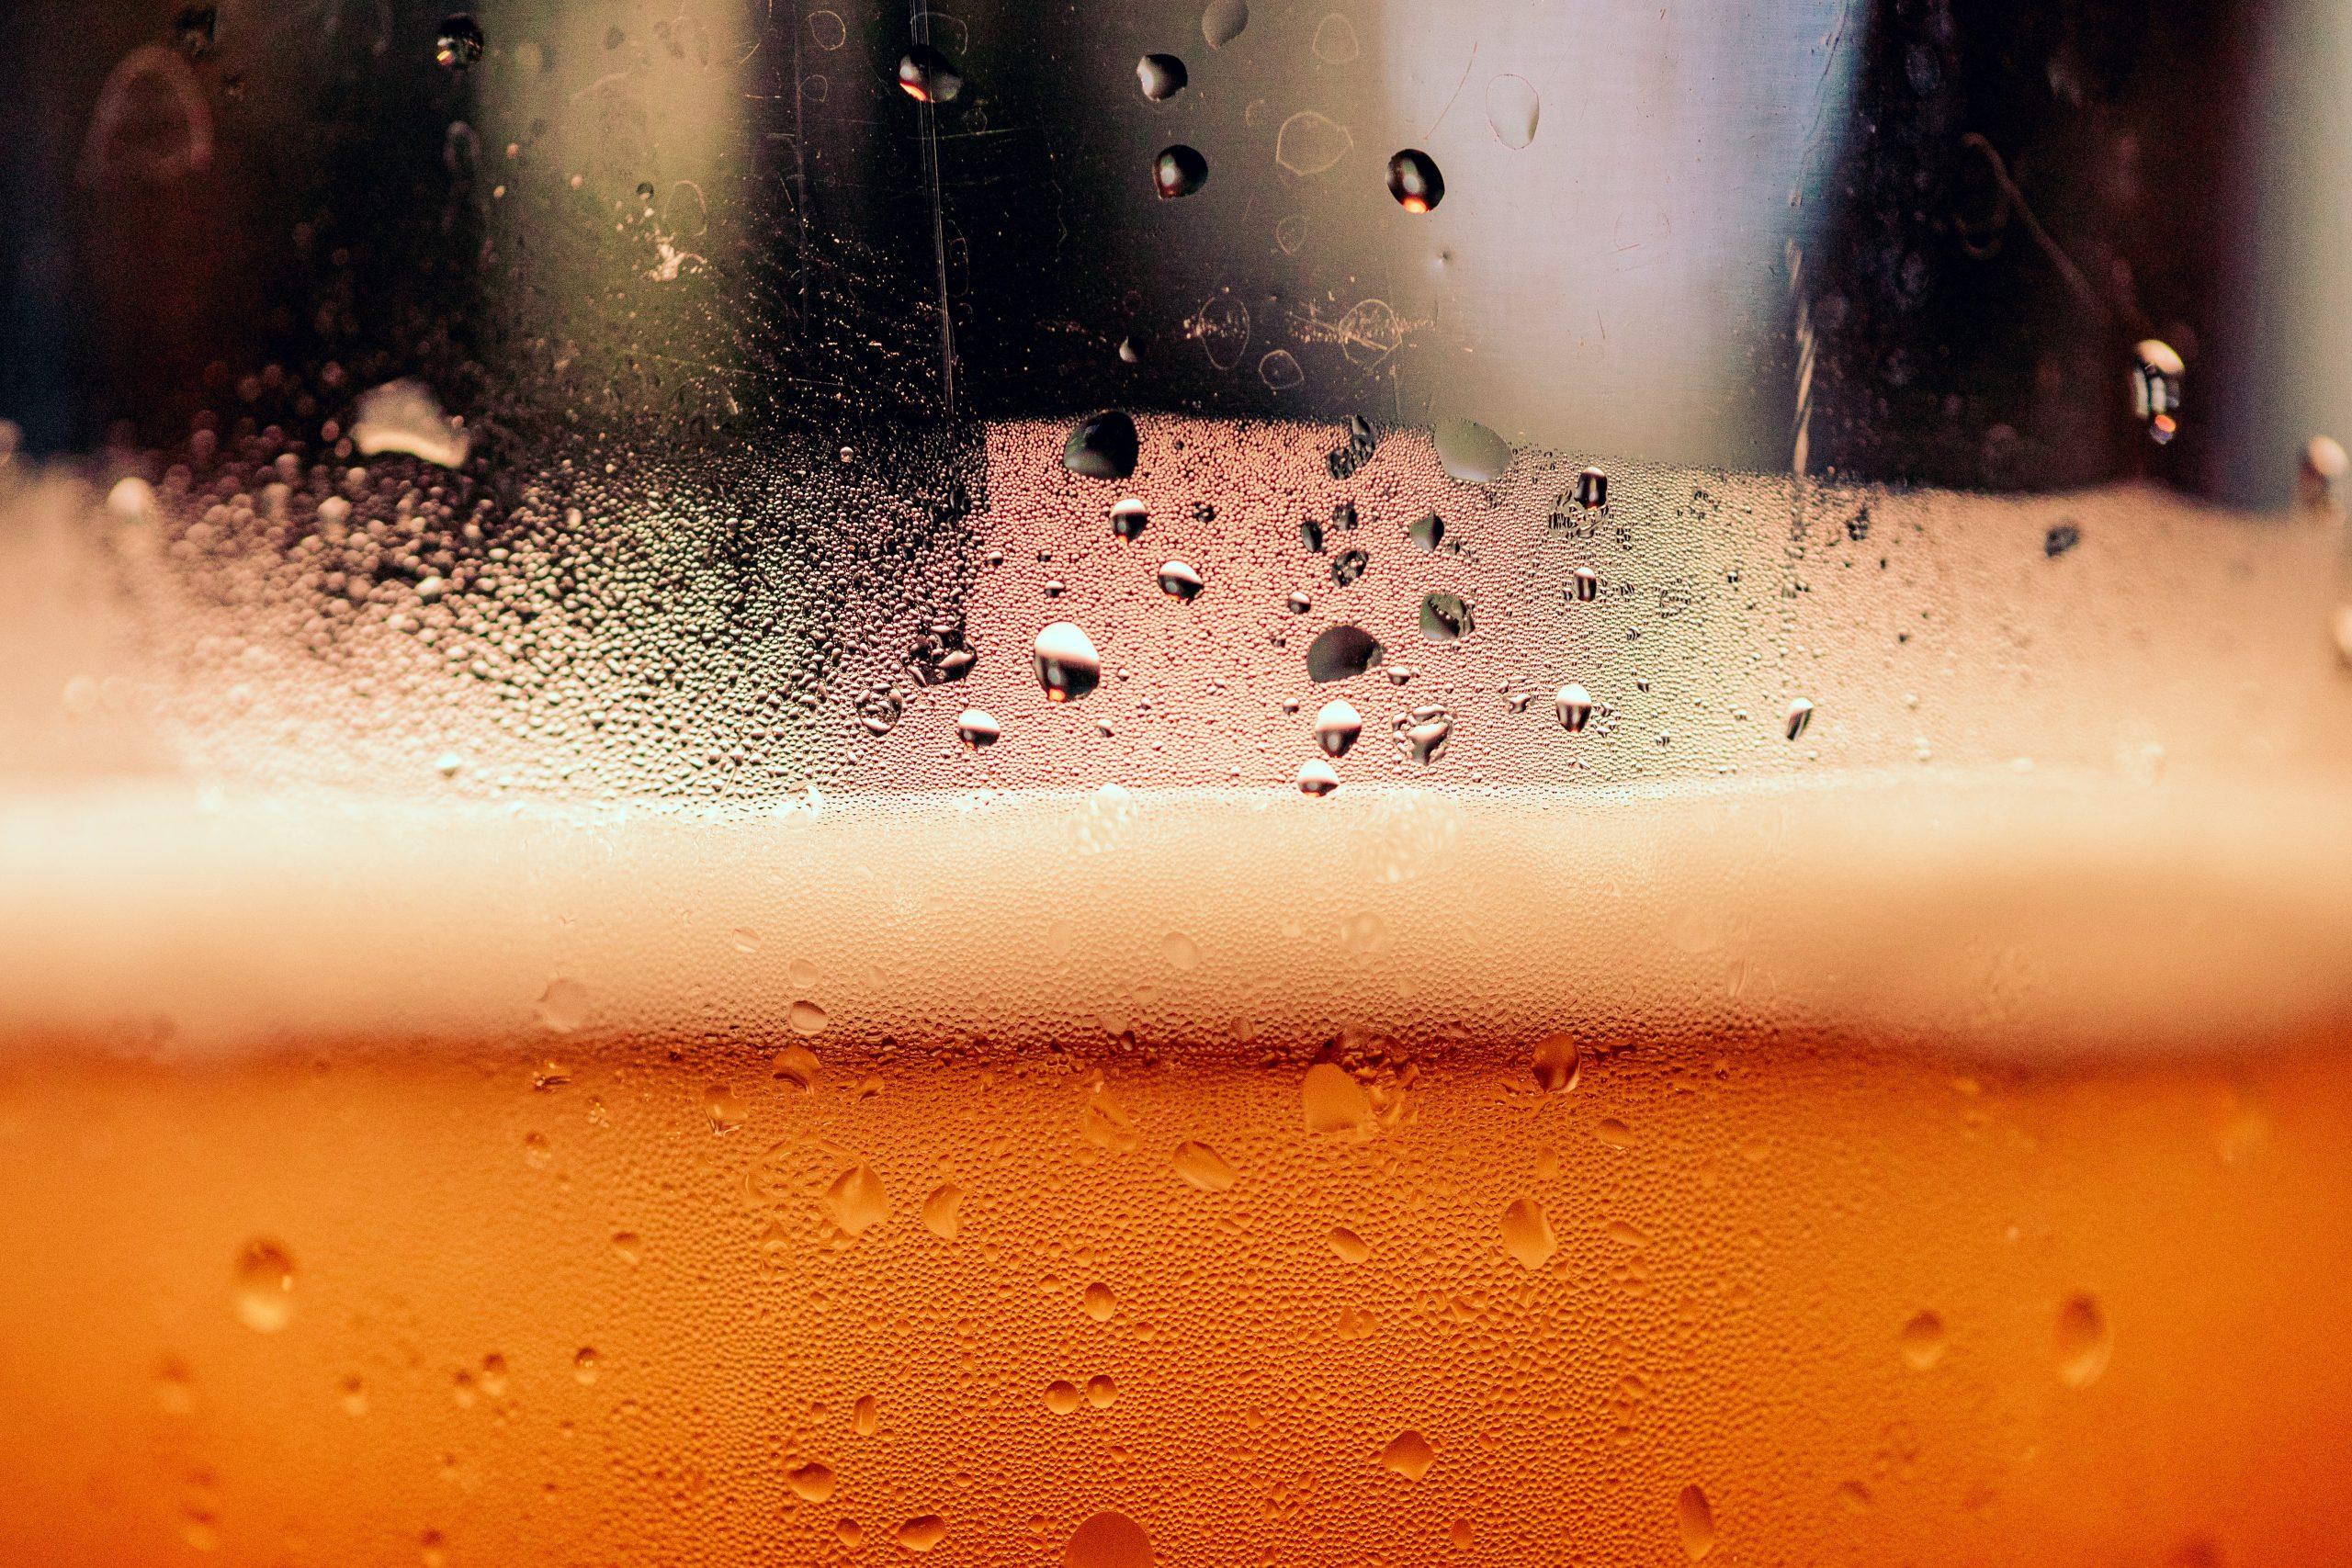 Cervejeiros de Portugal apelam ao Governo para implementação urgente de medidas de apoio ao setor cervejeiro